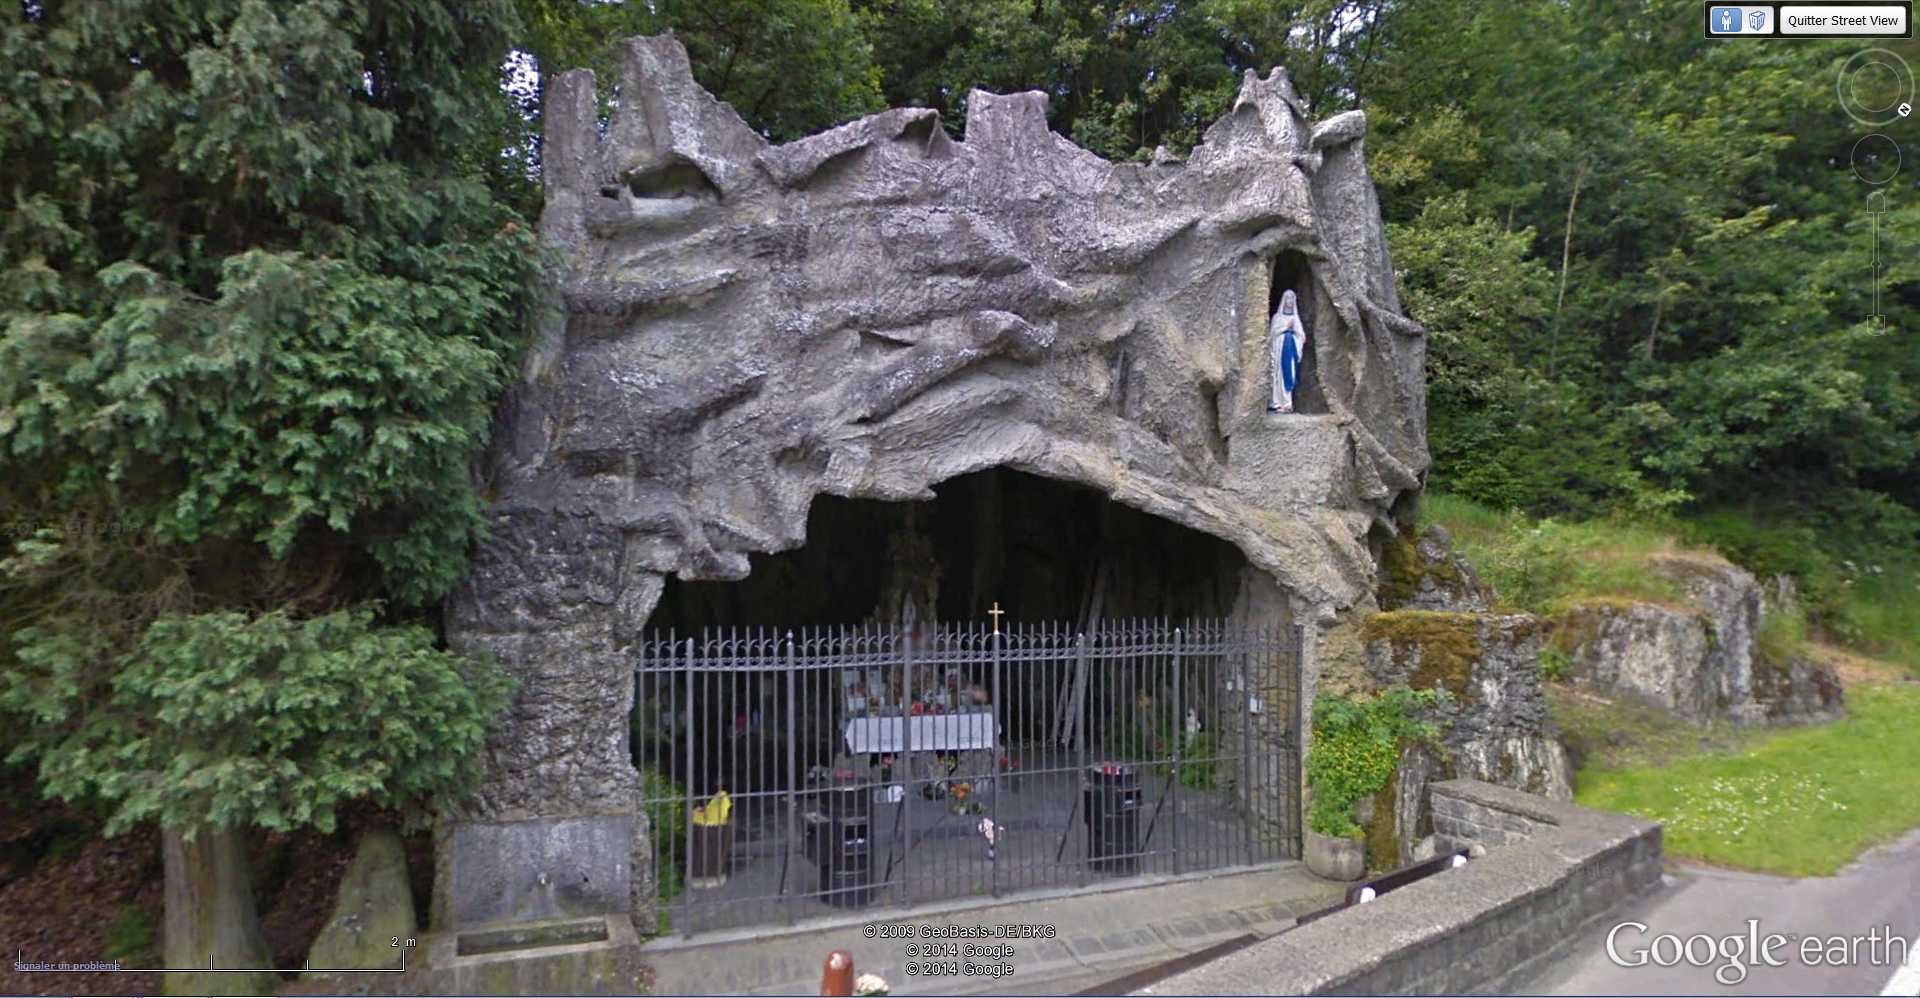 Les répliques de la grotte de Lourdes - Page 2 2014-124